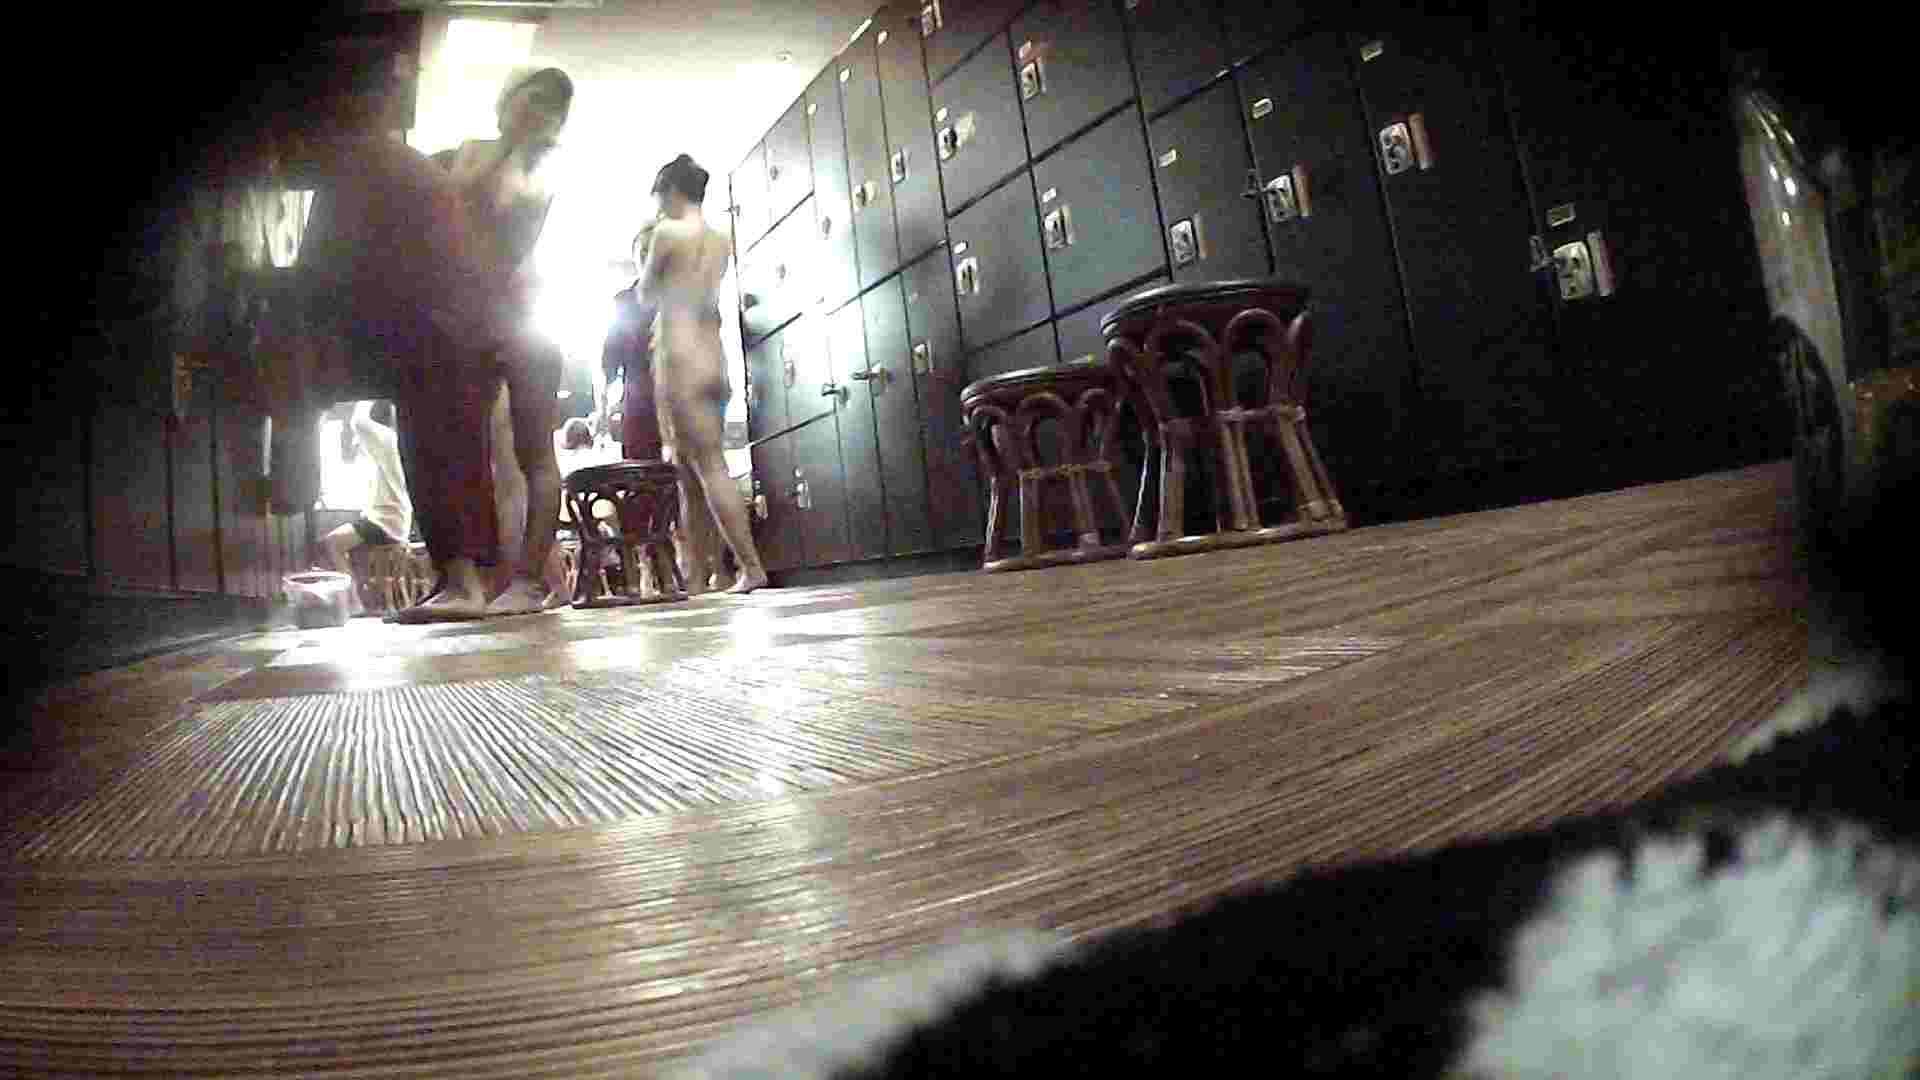 オムニバスVol.5 脱衣所のイケイケギャルがお勧め OLの実態 盗撮エロ画像 36pic 27